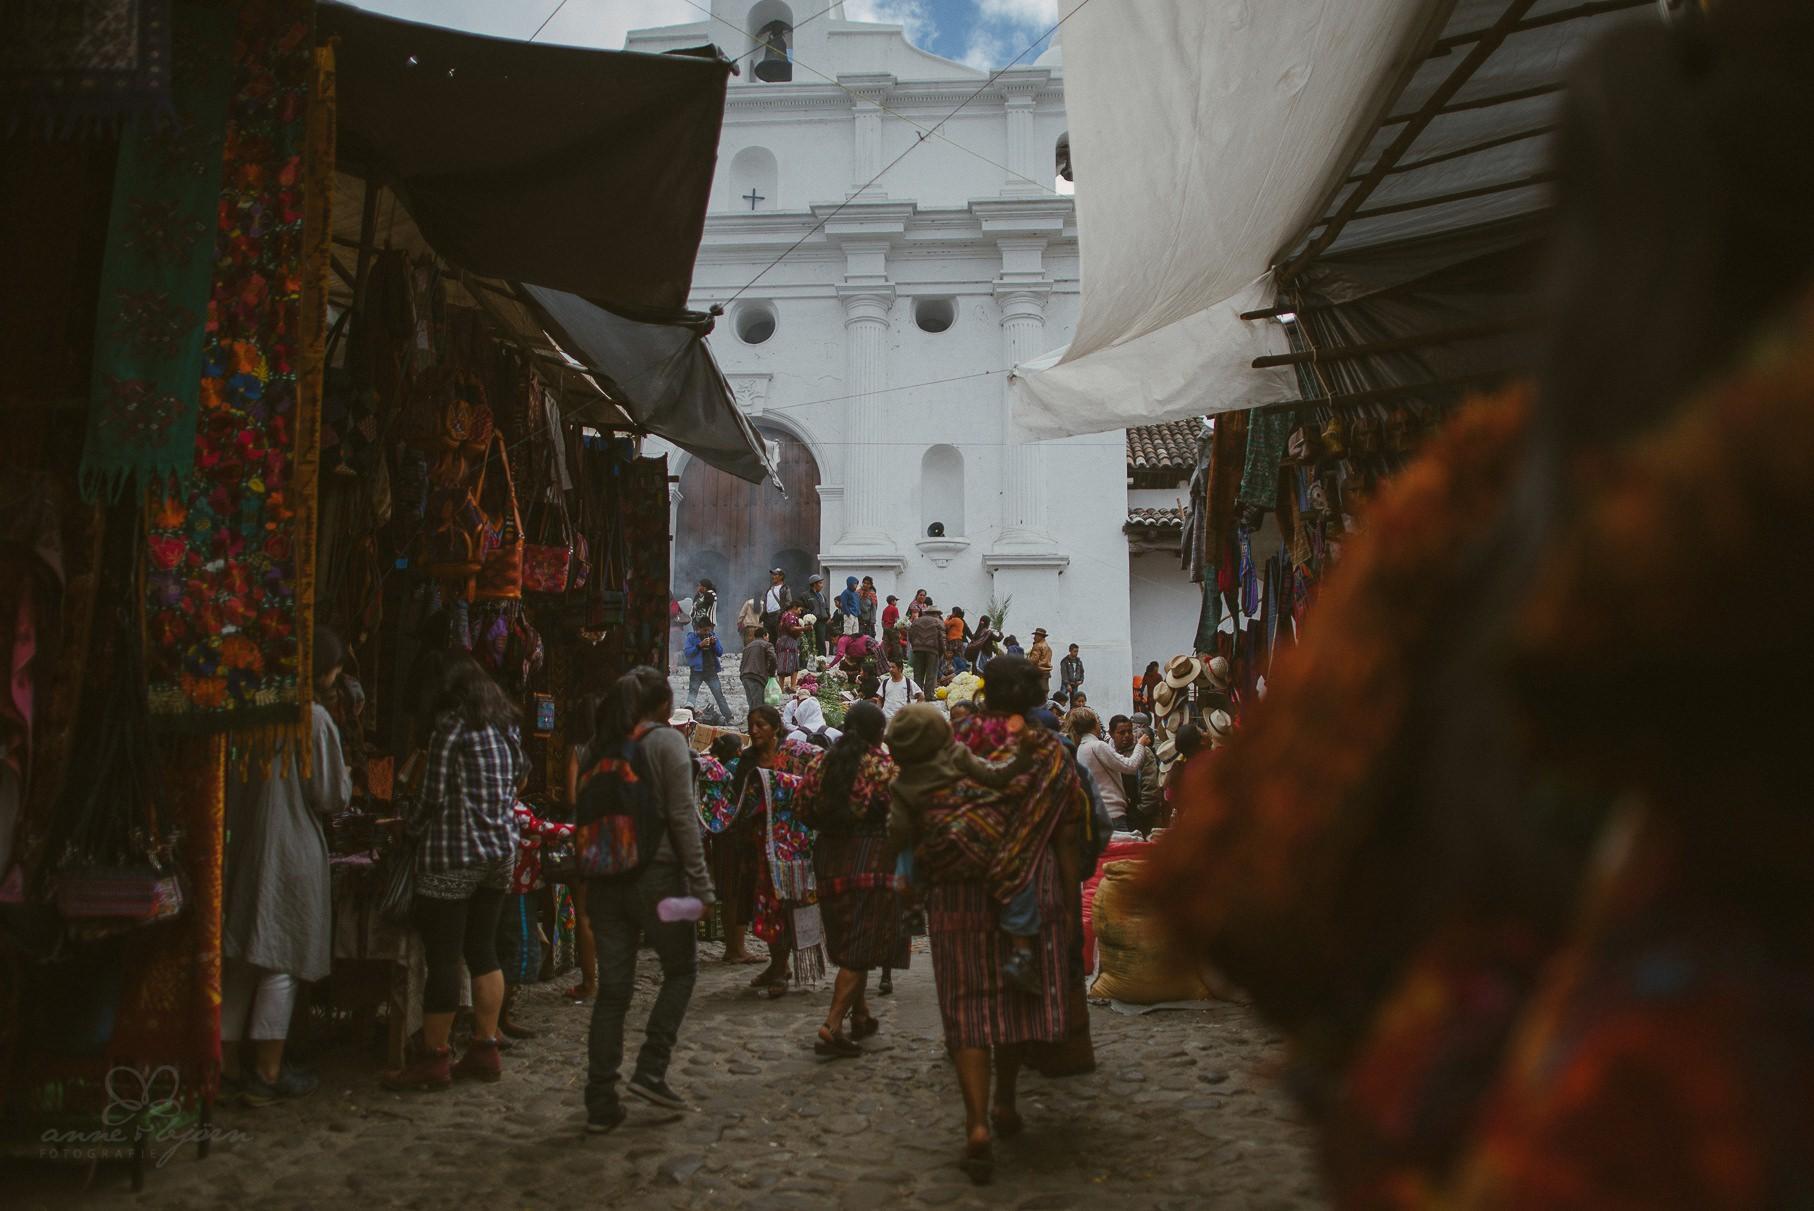 0148 anne und bjoern guatemala d75 2721 - 4 Wochen durch Guatemala - backpacking durch Mittelamerika